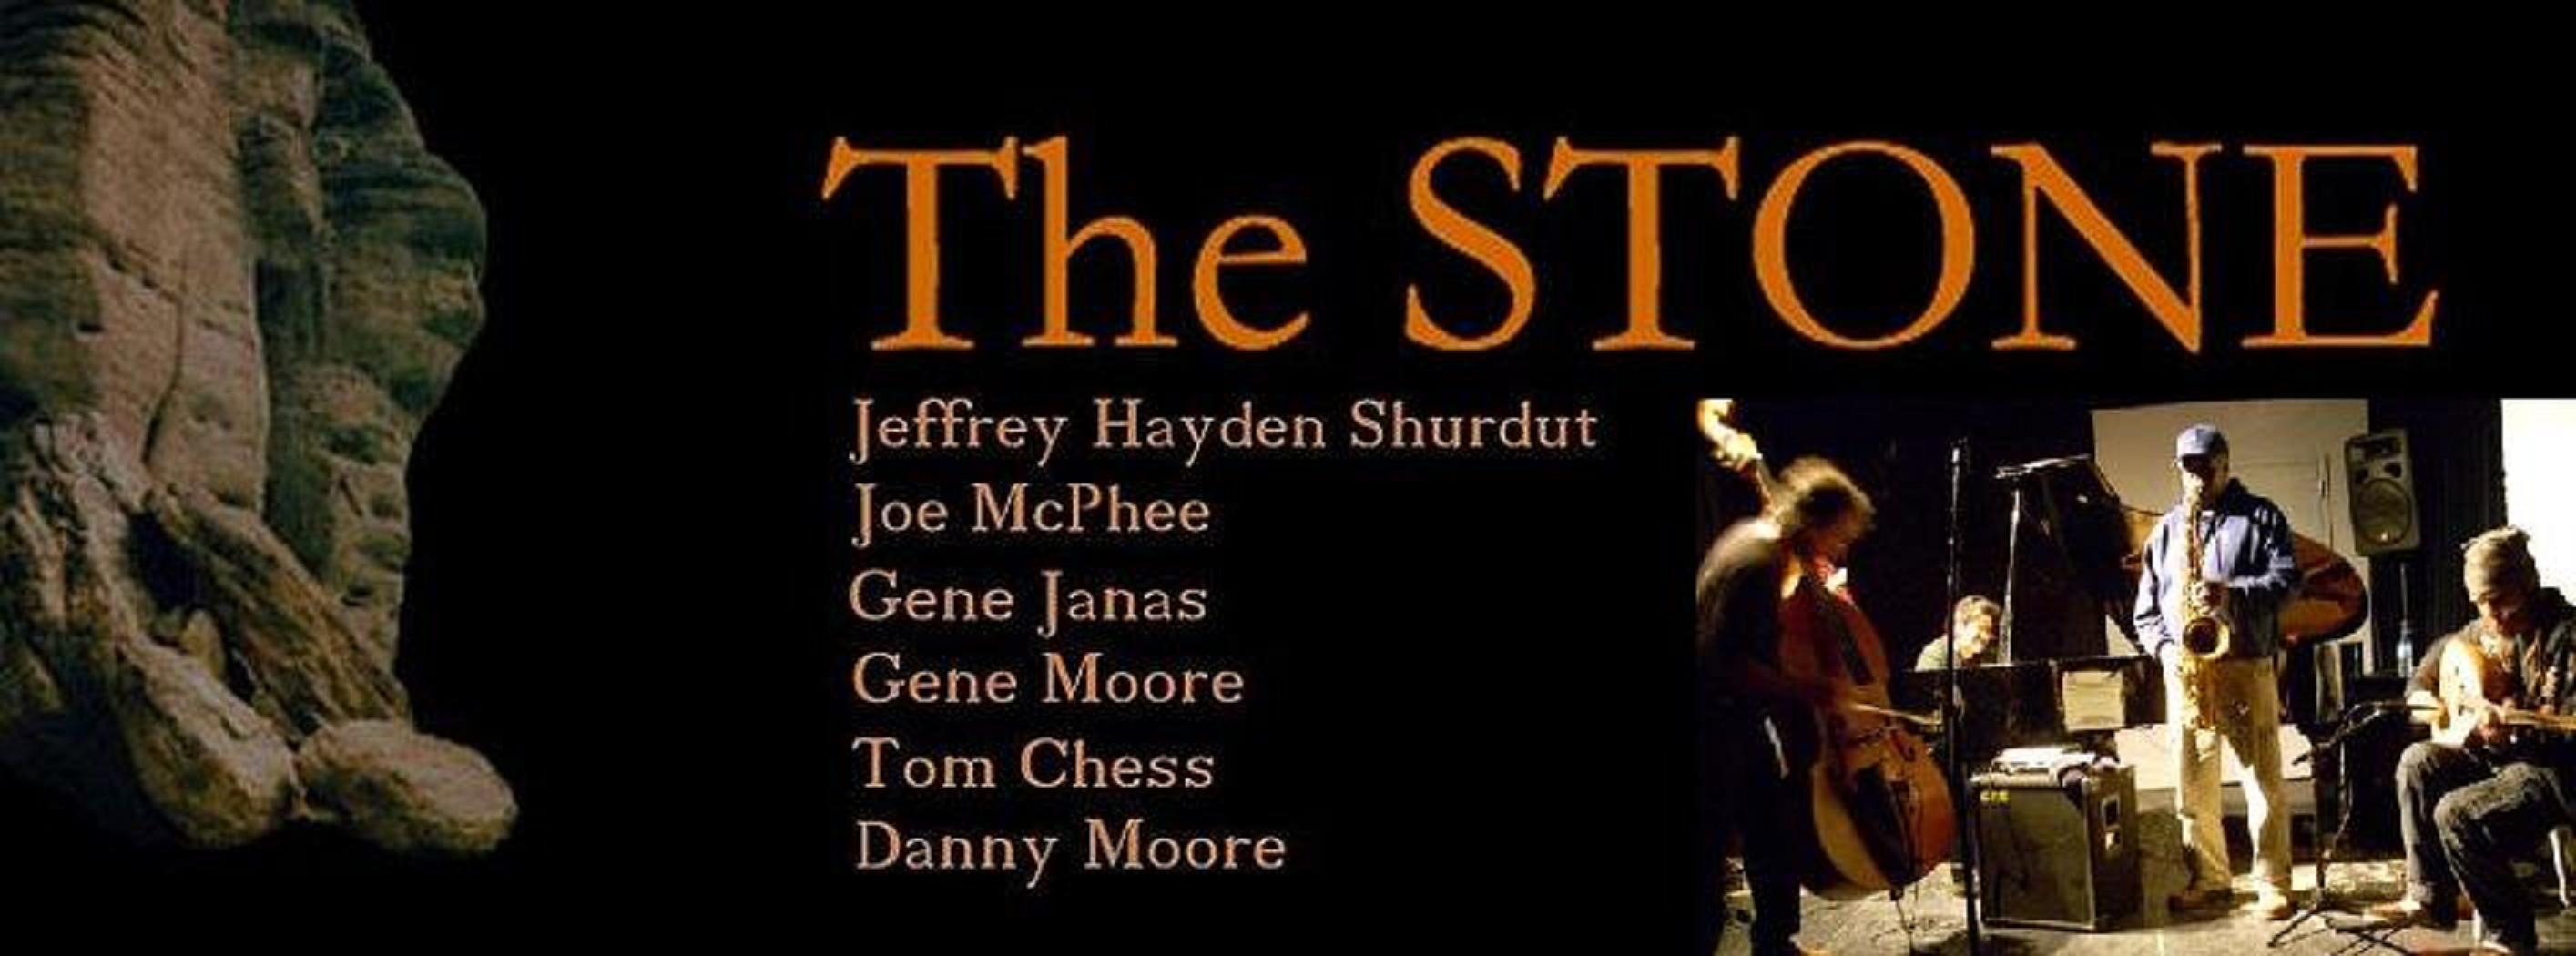 Jeffrey Hayden Shurdut at The Stone